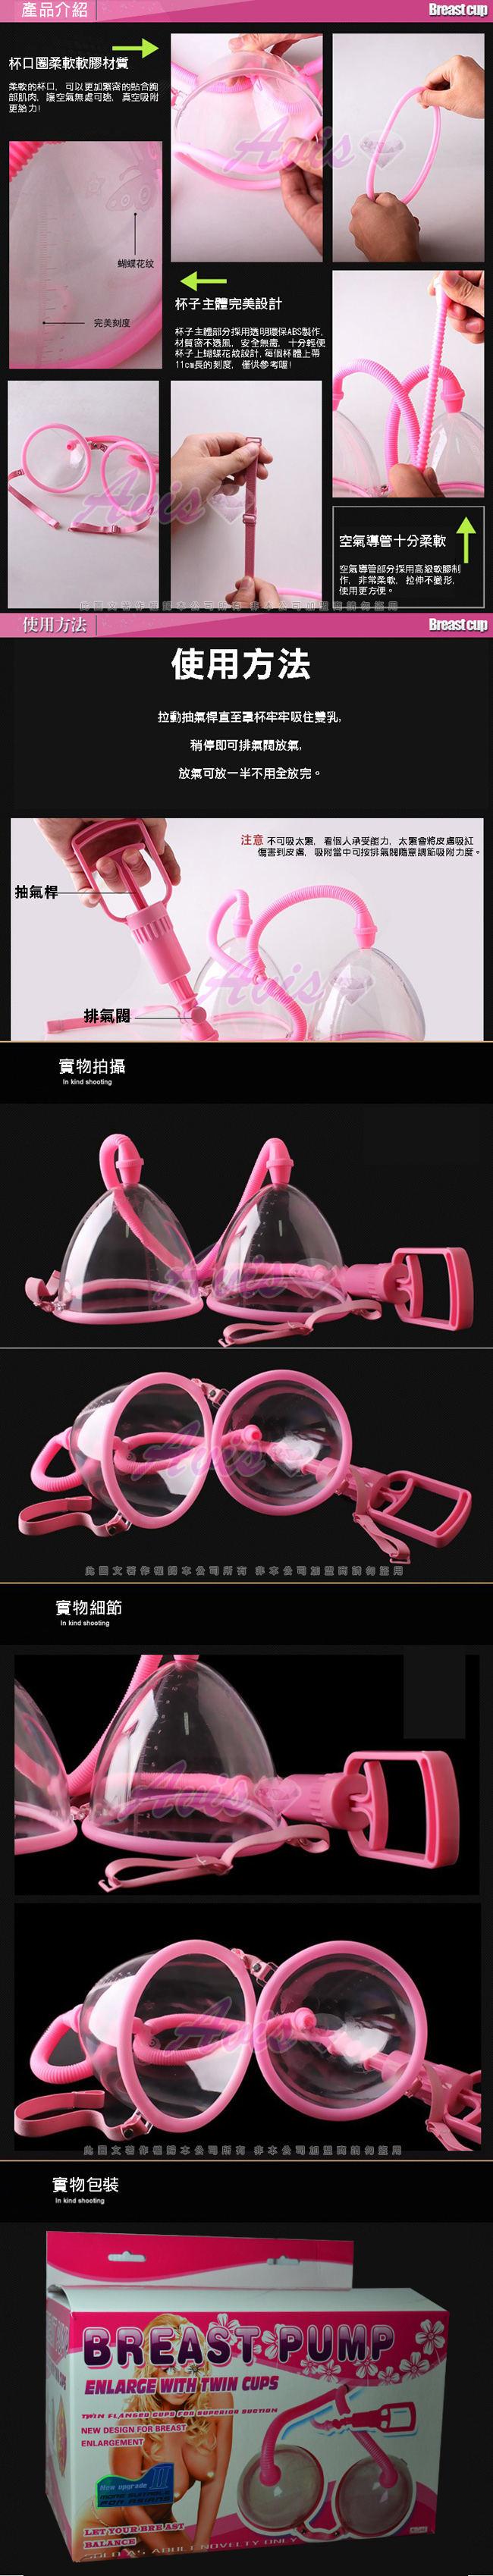 吸乳達人 拉桿式真空 吸乳調情器